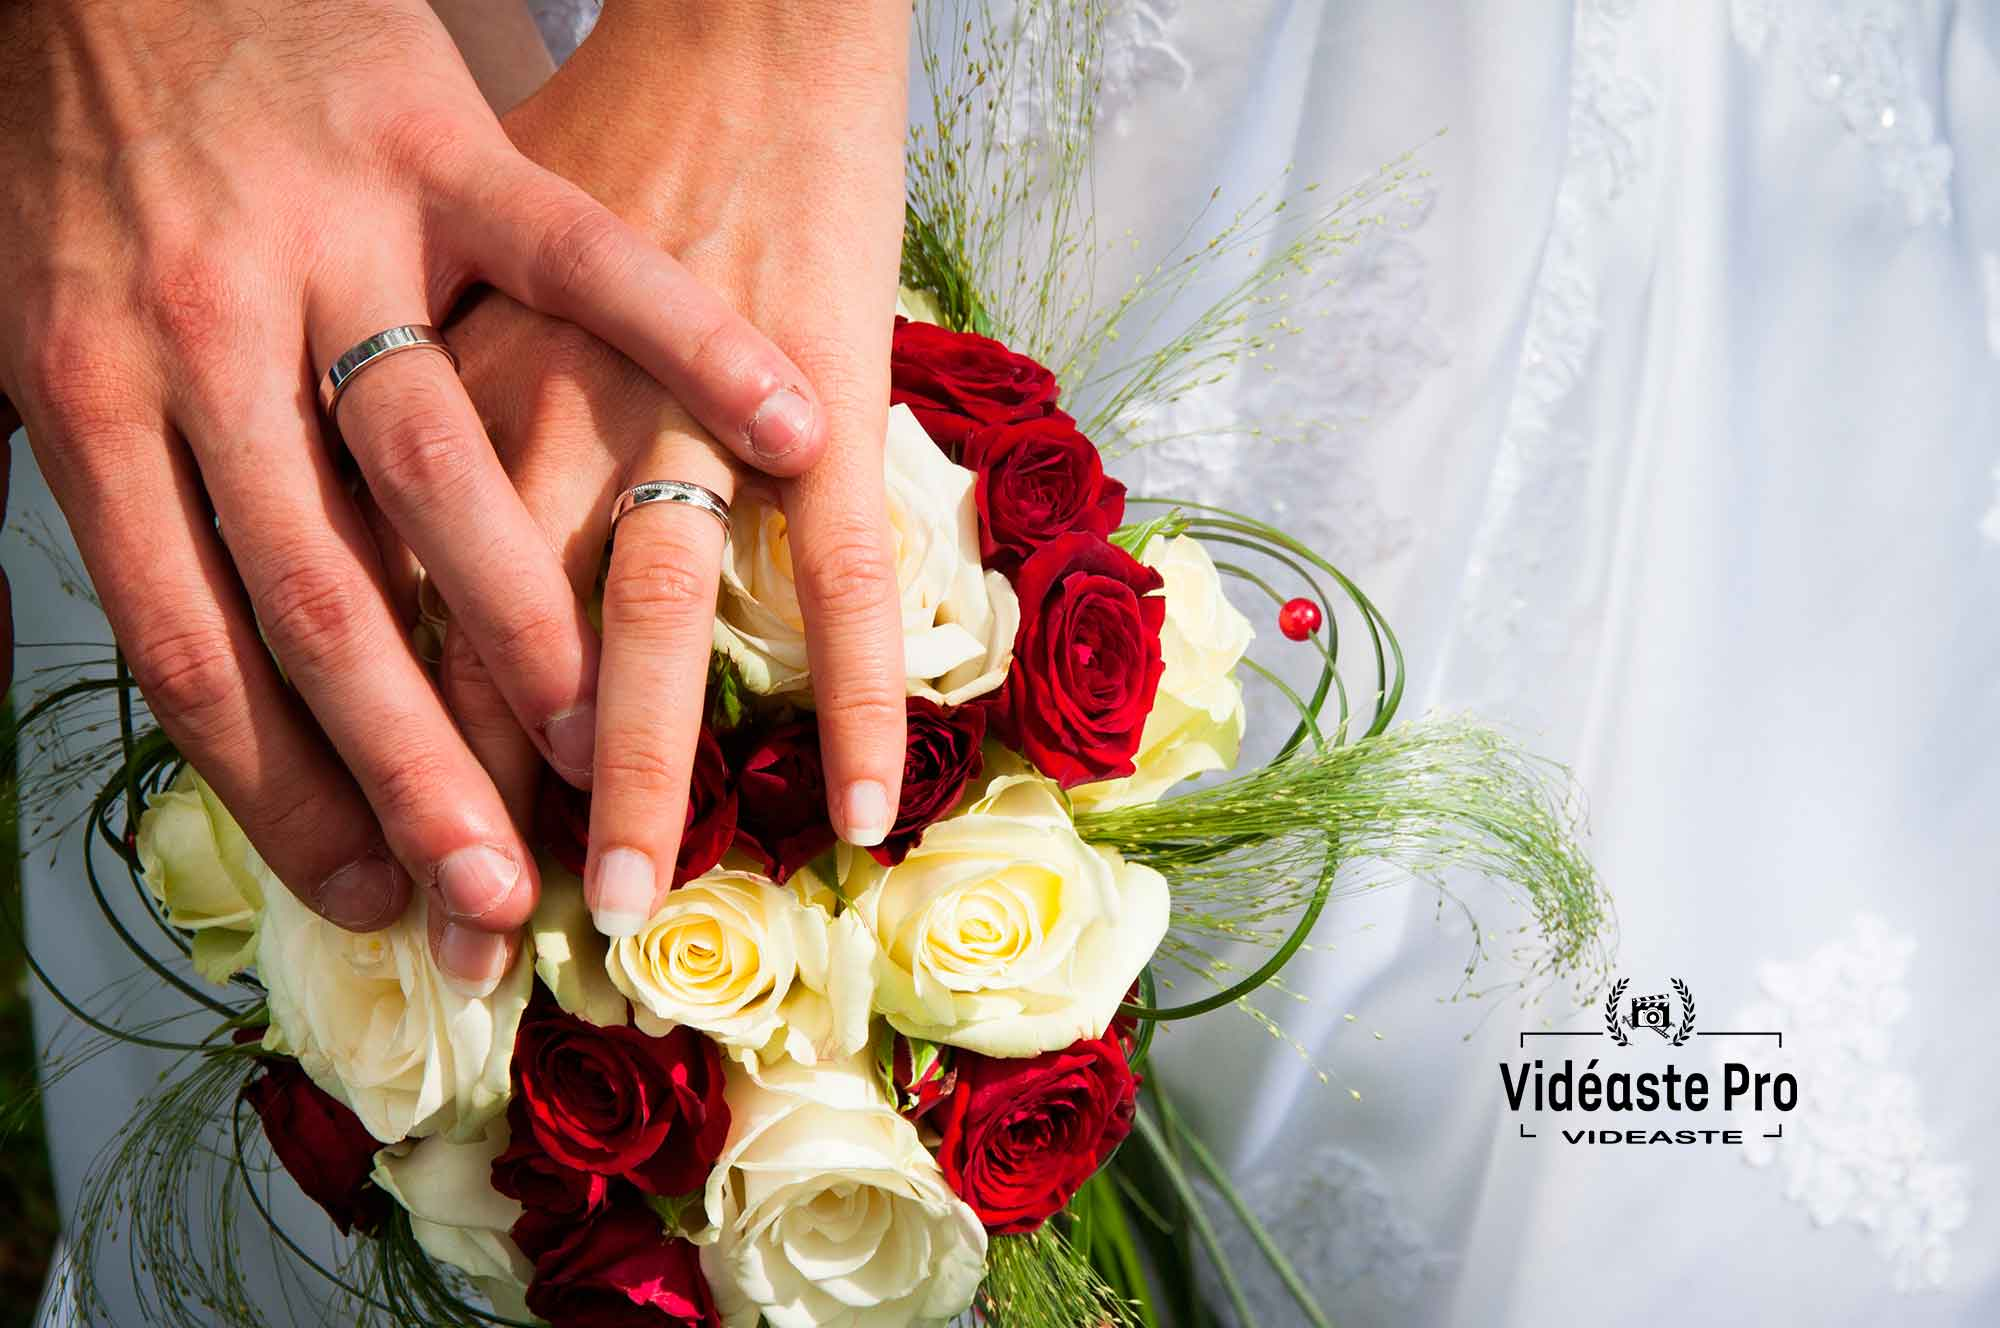 Vidéaste Seine-et-Marne, vidéaste mariage Seine-et-Marne, vidéo mariage naturelle et authentique, témoignant de toute l'intensité et les meilleurs moments de votre mariage en Seine-et-Marne